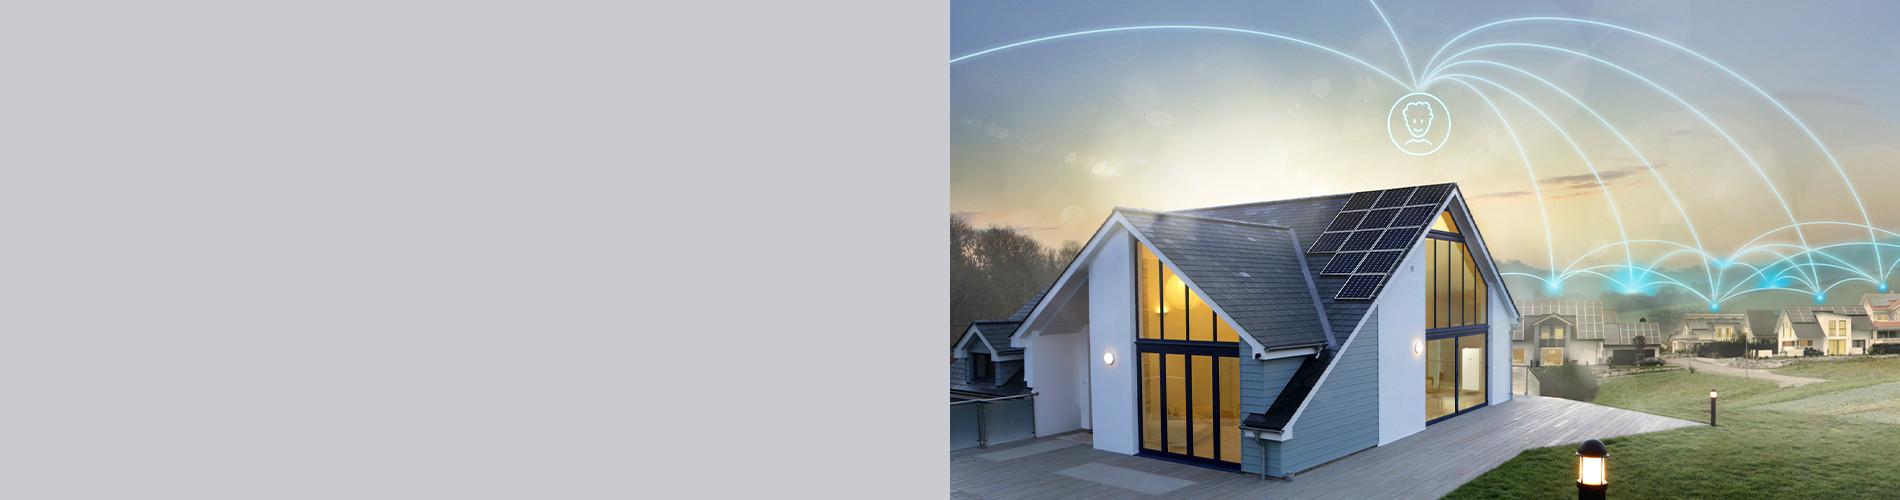 Vernetzte Häuser mit sonnenBatterien im Sonnenaufgang